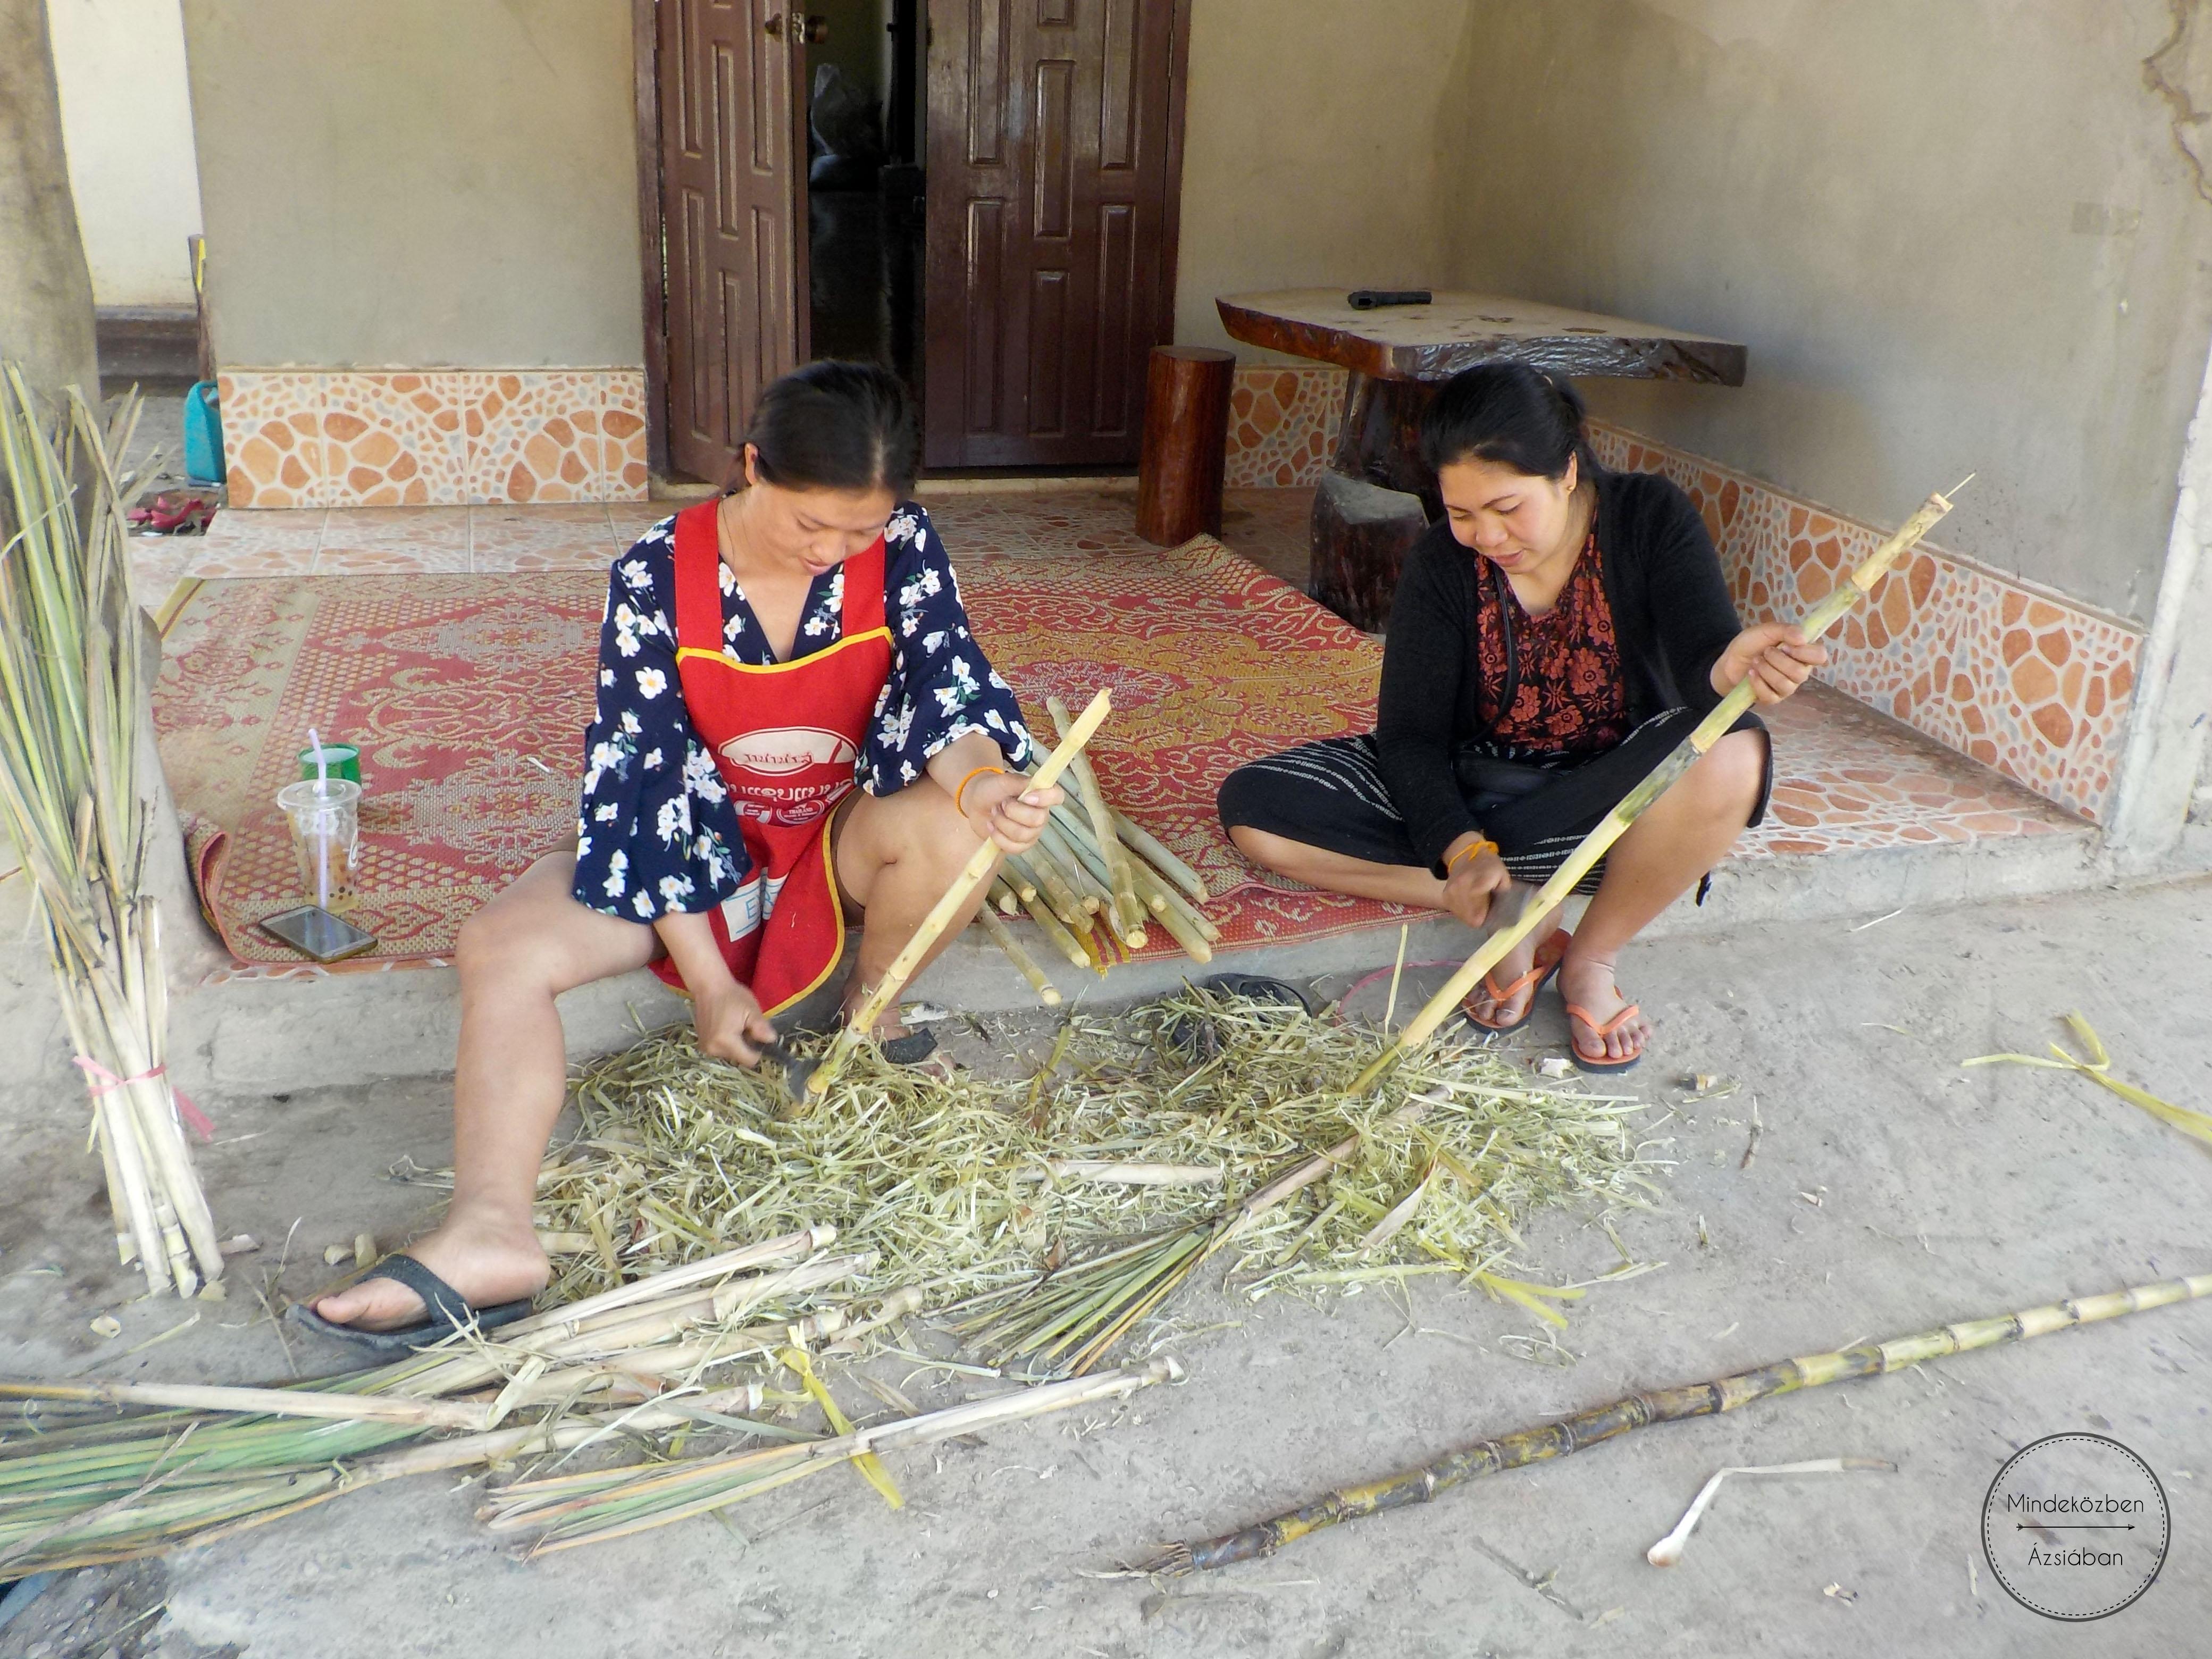 Cukornádlevet készitő helyi asszonyok.